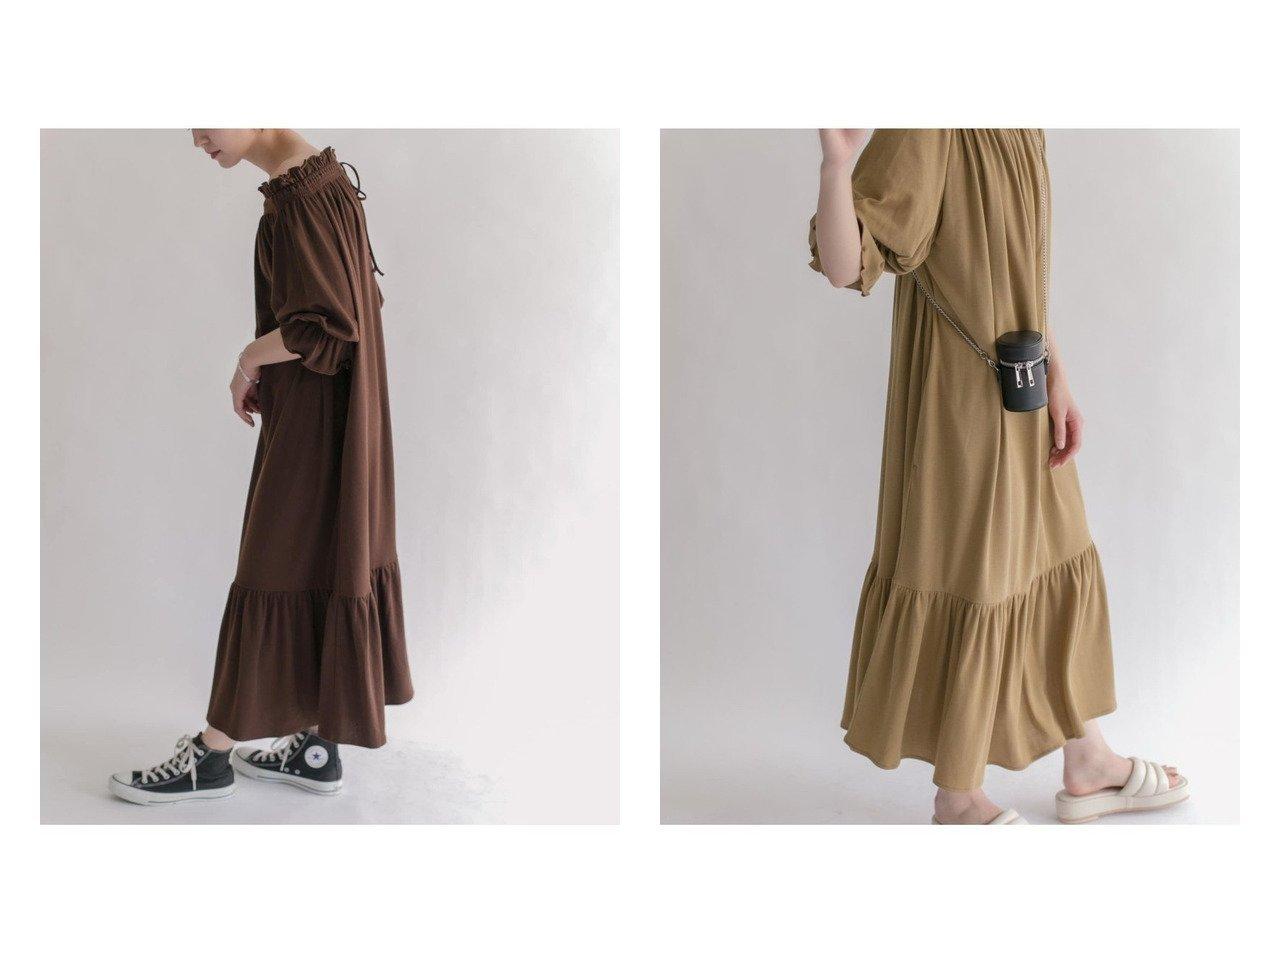 【KBF / URBAN RESEARCH/ケービーエフ】の【WEB限定】シャーリングギャザーボリュームワンピース 【ワンピース・ドレス】おすすめ!人気、トレンド・レディースファッションの通販 おすすめで人気の流行・トレンド、ファッションの通販商品 インテリア・家具・メンズファッション・キッズファッション・レディースファッション・服の通販 founy(ファニー) https://founy.com/ ファッション Fashion レディースファッション WOMEN ワンピース Dress オフショルダー カットソー ギャザー シューズ トレンド バランス フリル 切替 |ID:crp329100000062691